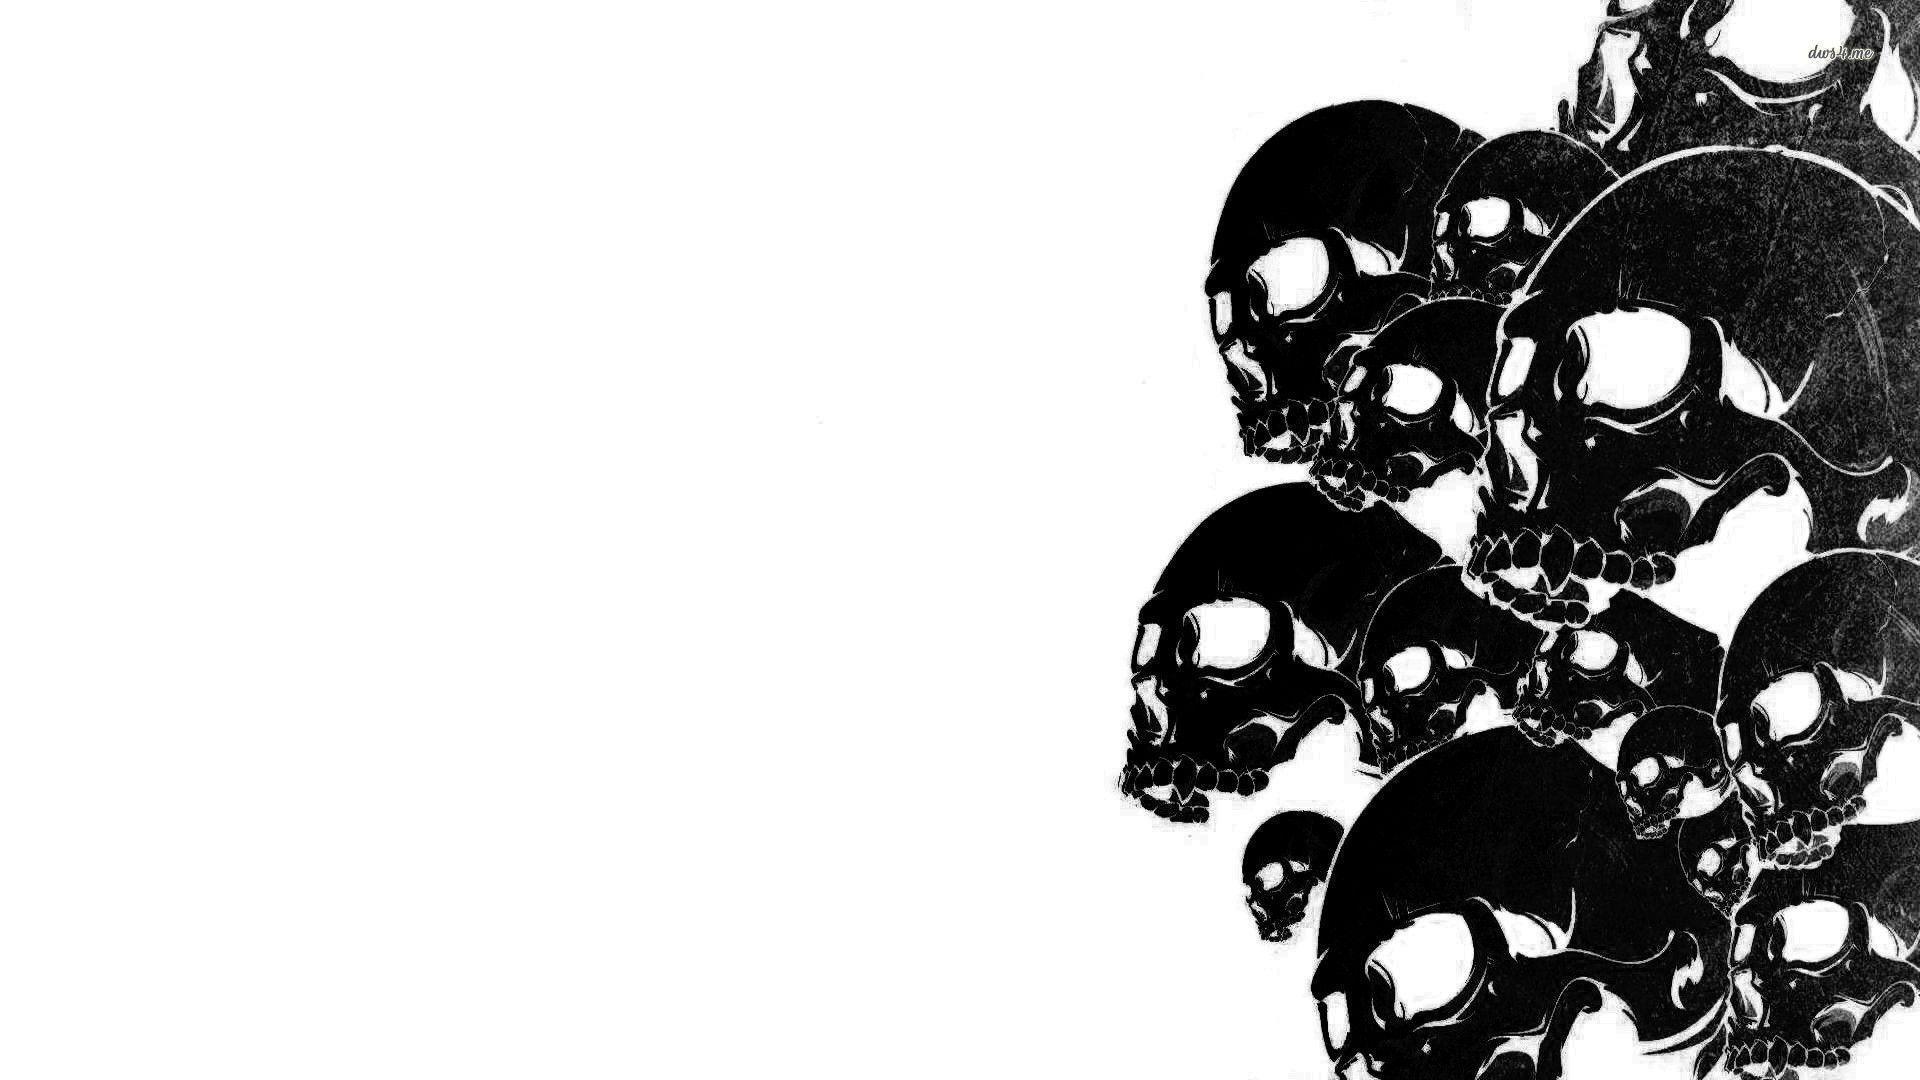 monster skull black wallpaper - photo #25